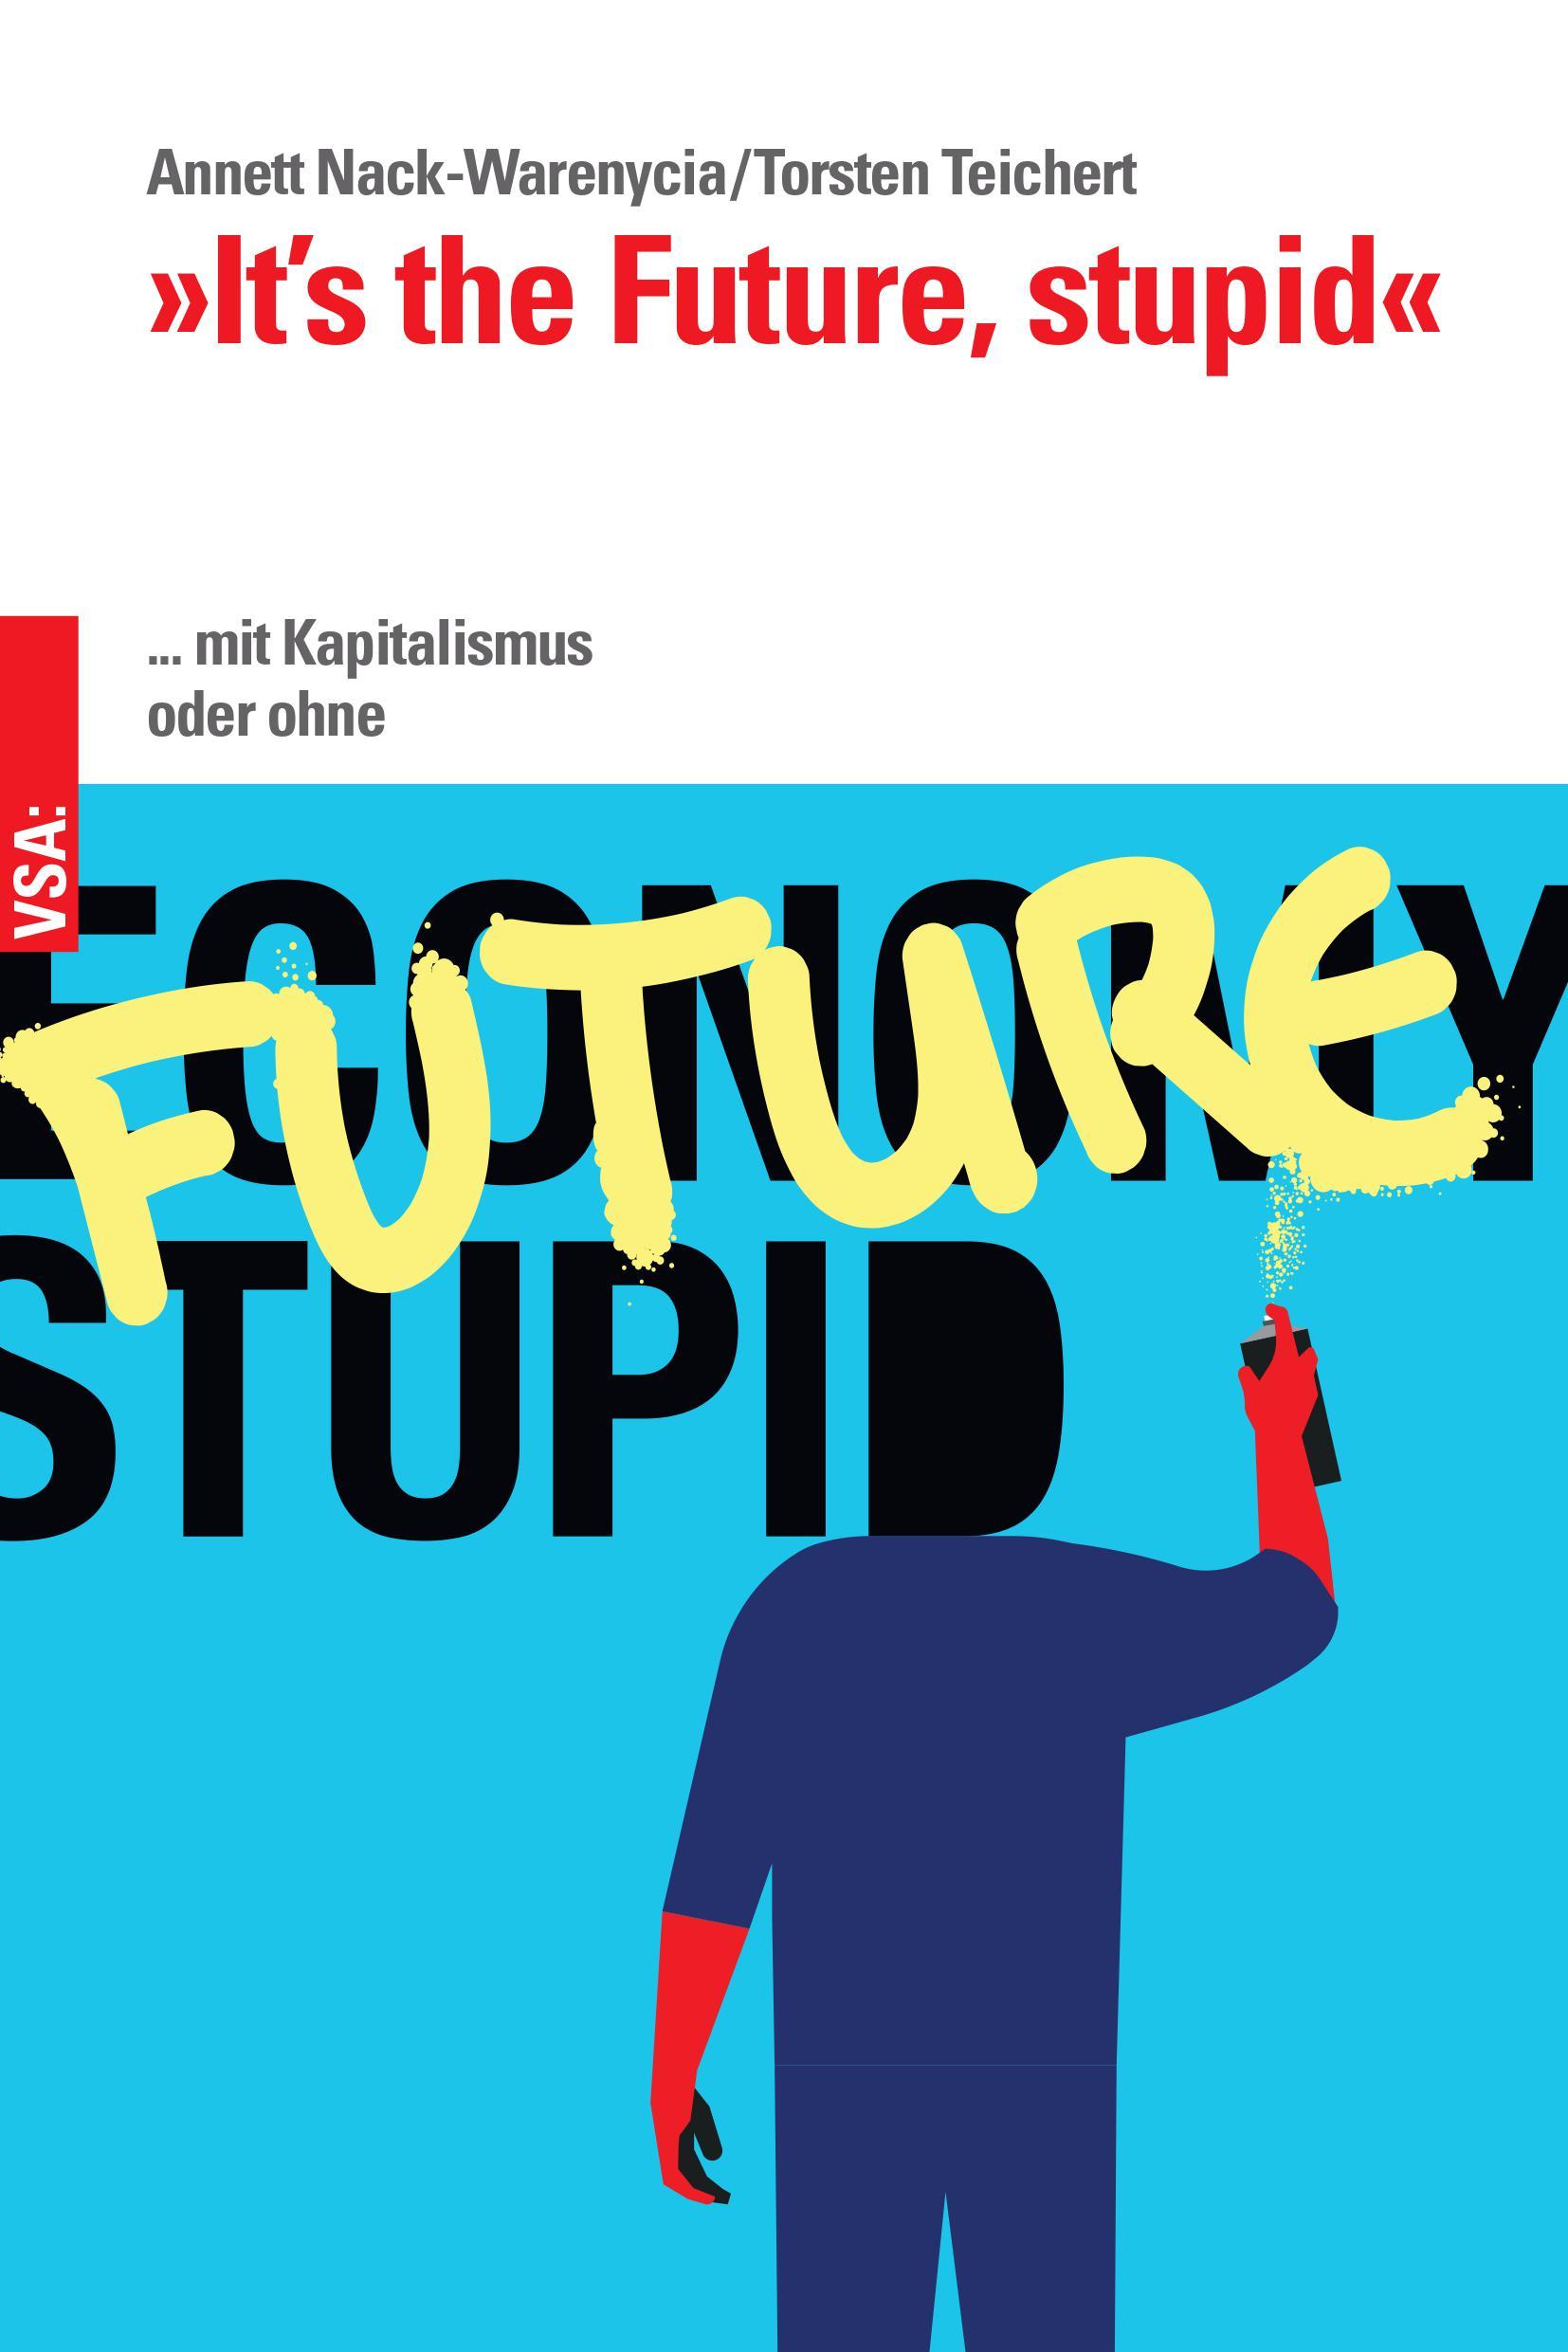 »It's the Future, stupid« ... mit Kapitalismus oder ohne 176 Seiten | Illustrationen von Nils Kasiske | 2021 | EUR 16.80 ISBN 978-3-96488-101-4